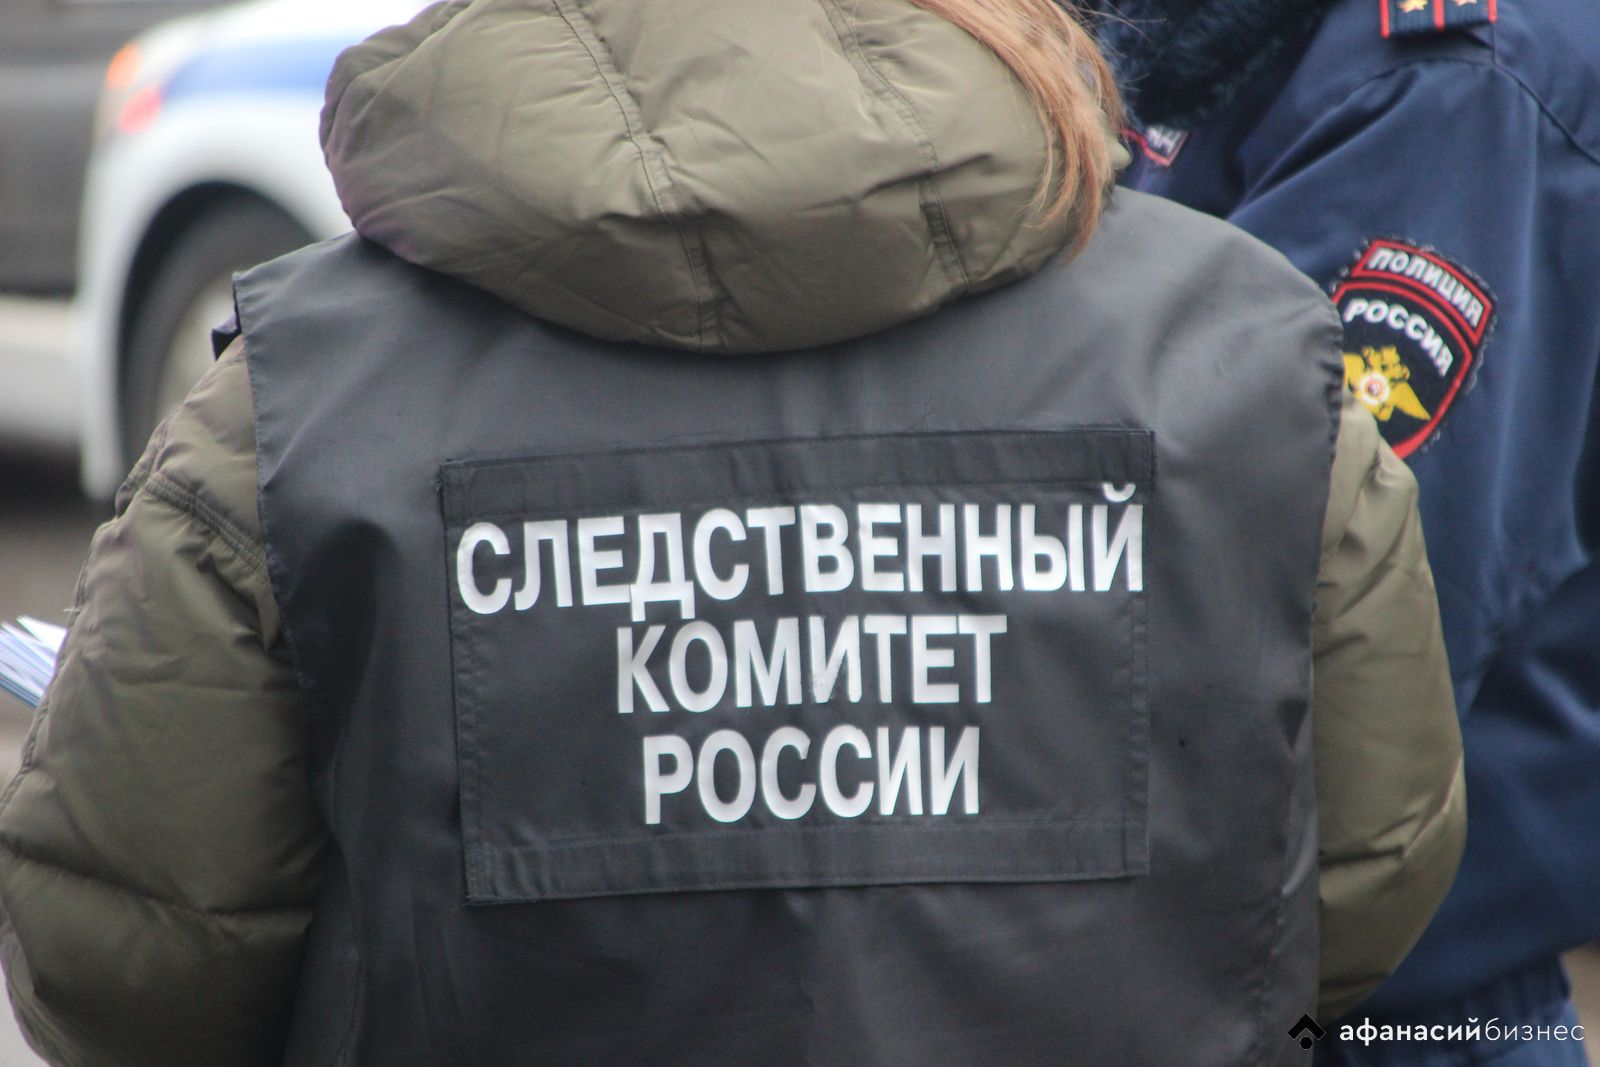 Житель Тверской области выманивал у детей в соцсетях фотографии интимного характера - новости Афанасий